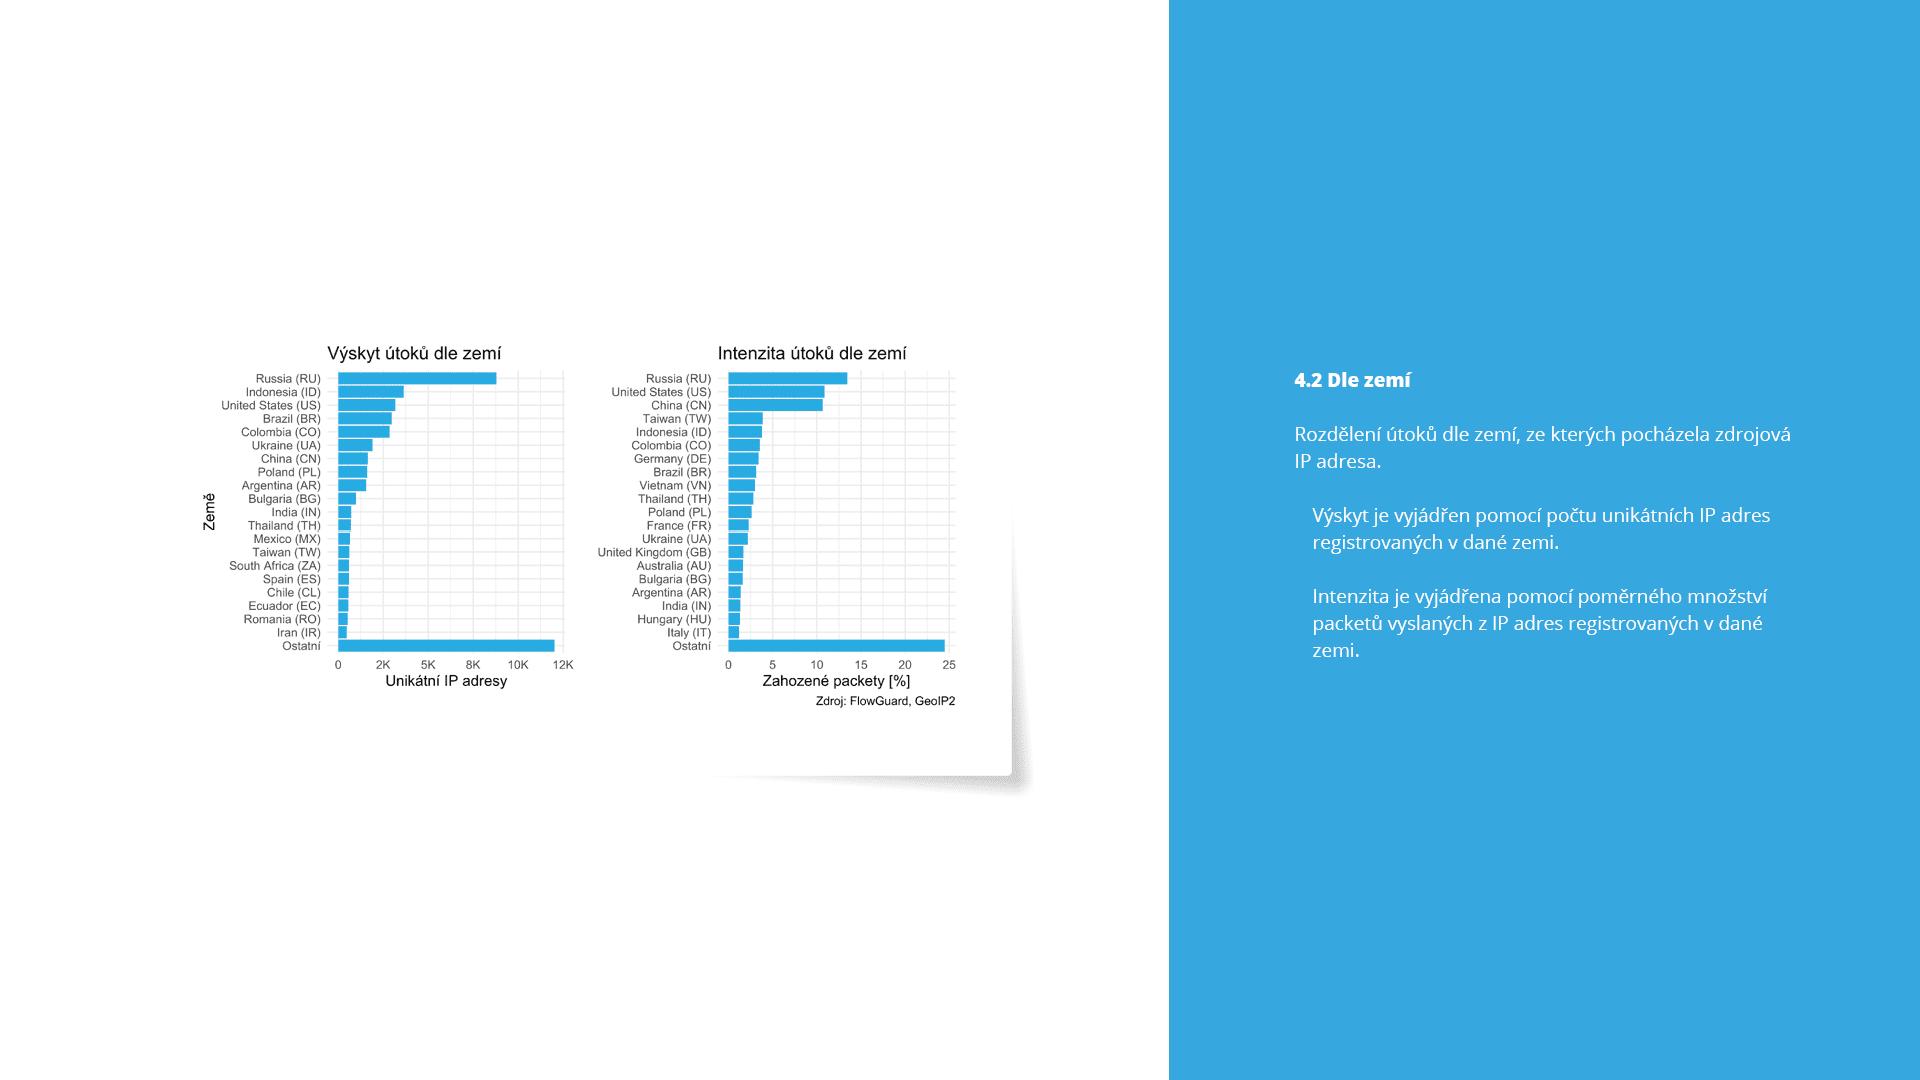 Informace o DDoS útoku dle zemí